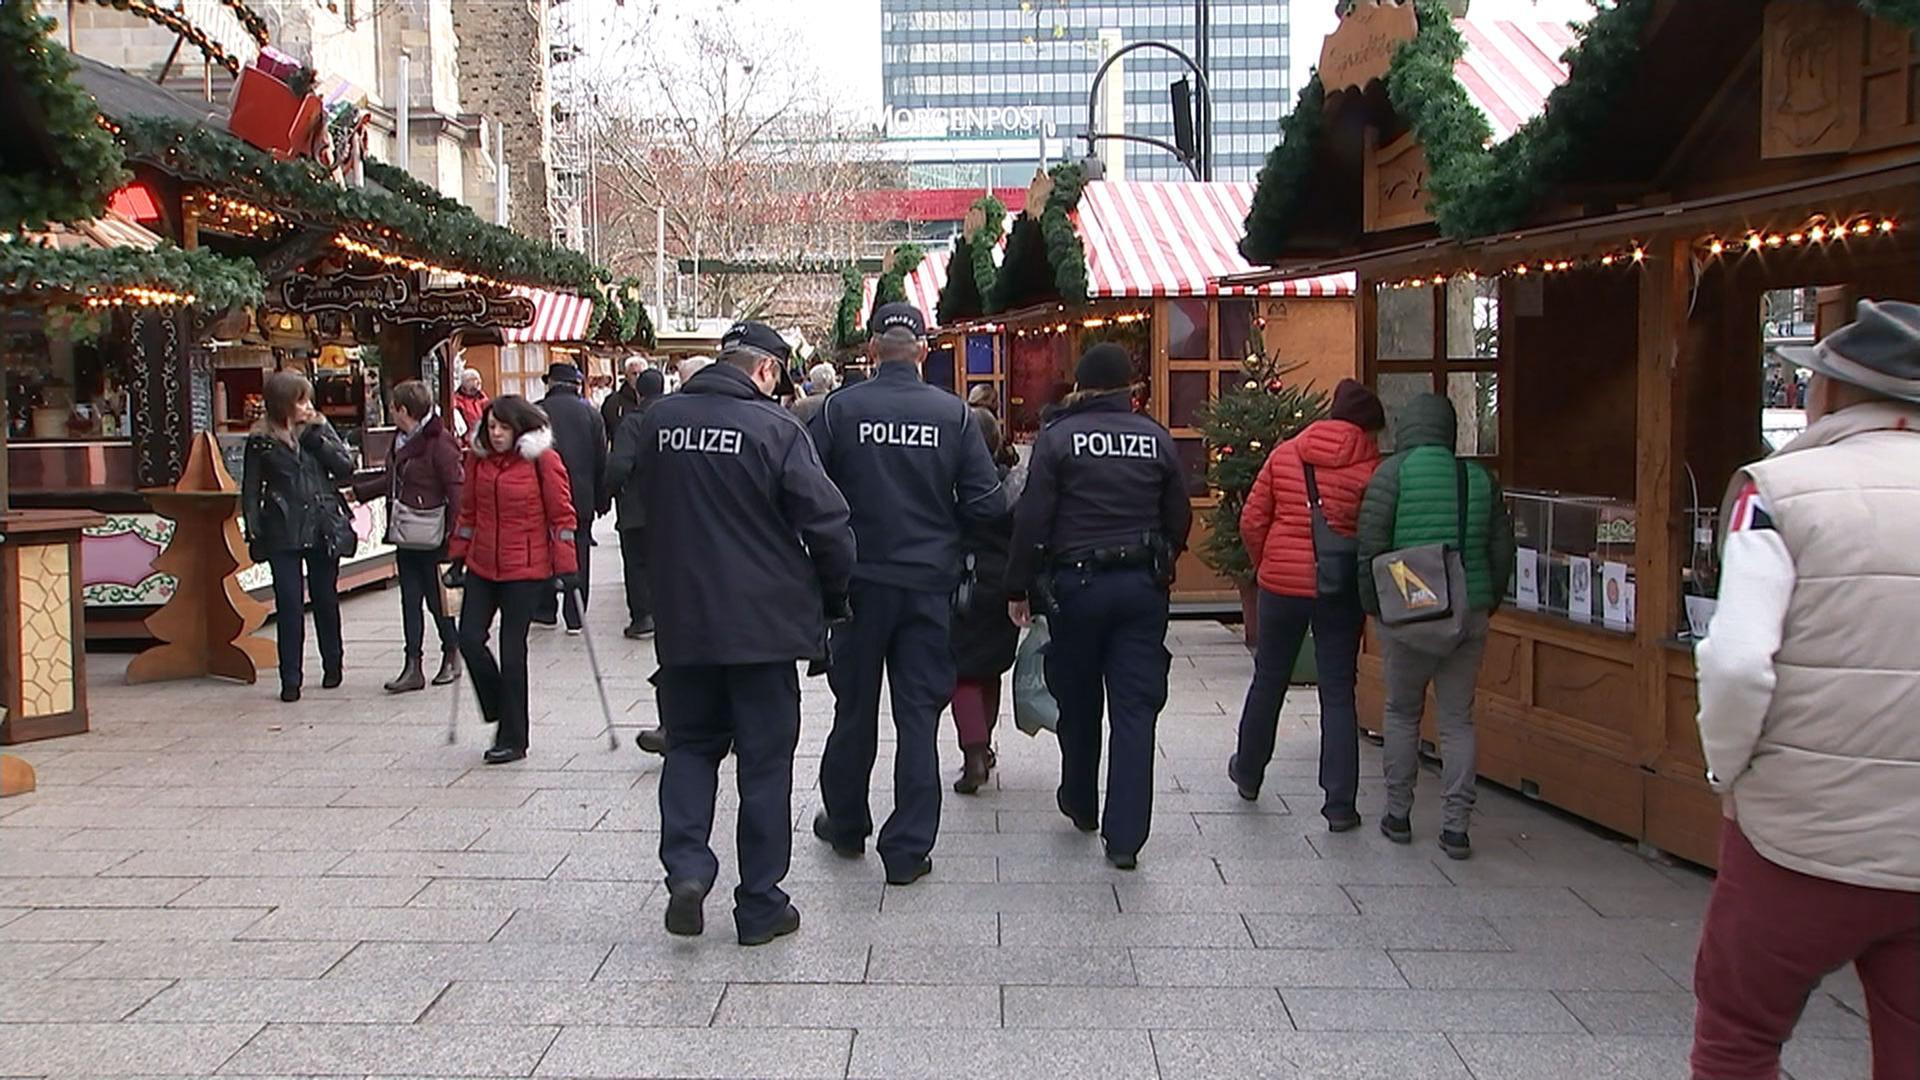 Wo Ist Weihnachtsmarkt Heute.Weihnachtsmarkt Am Breitscheidplatz Zdfmediathek